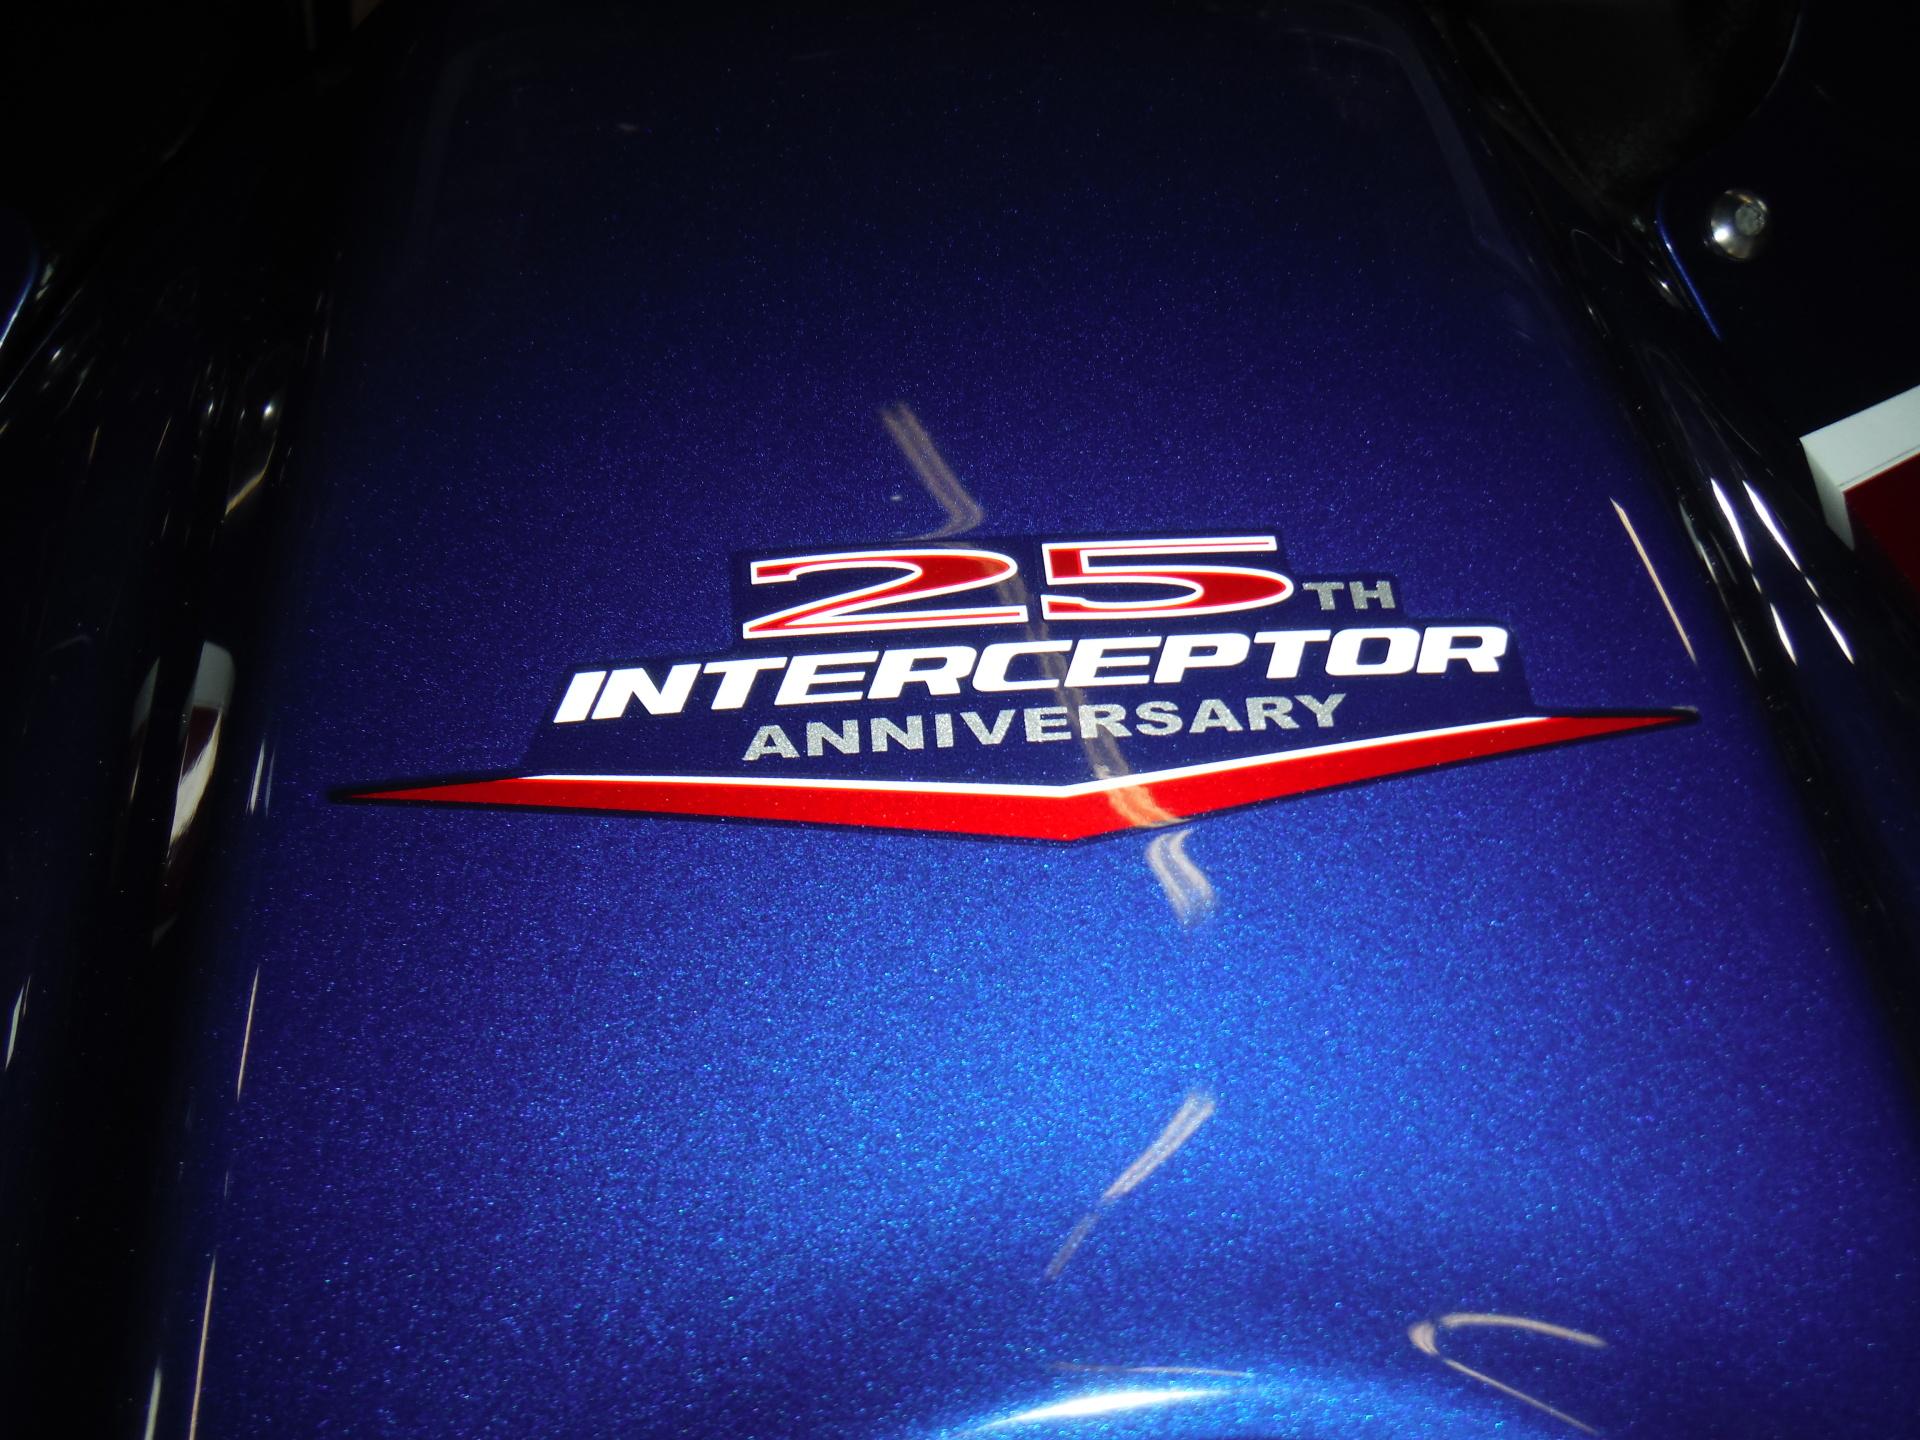 2007 Honda VFR800S7 Interceptor Anniversary